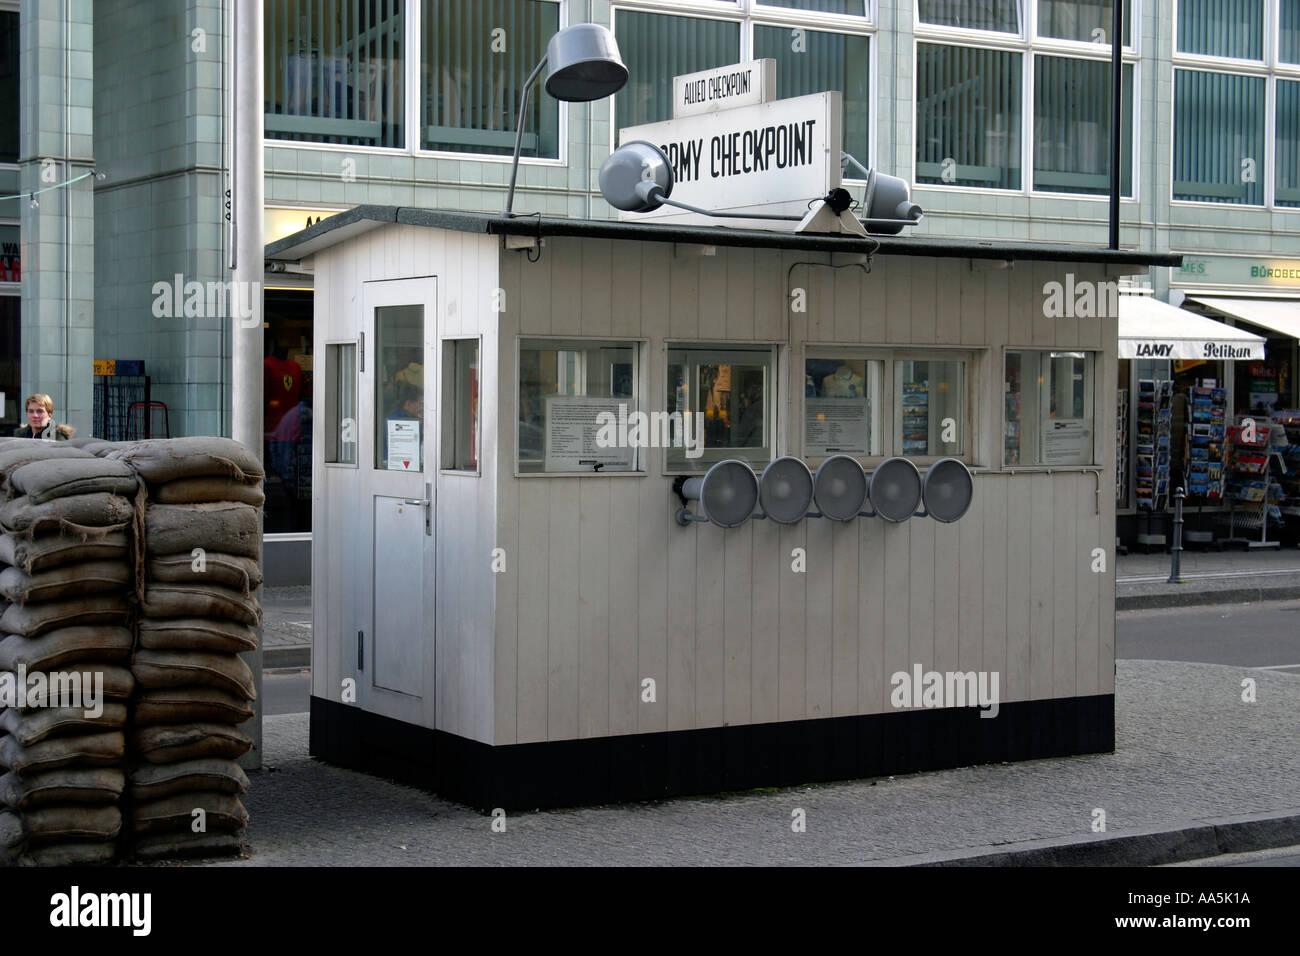 Alemania Berlin Checkpoint Charlie histórico monumento de la Guerra Fría frontera Imagen De Stock